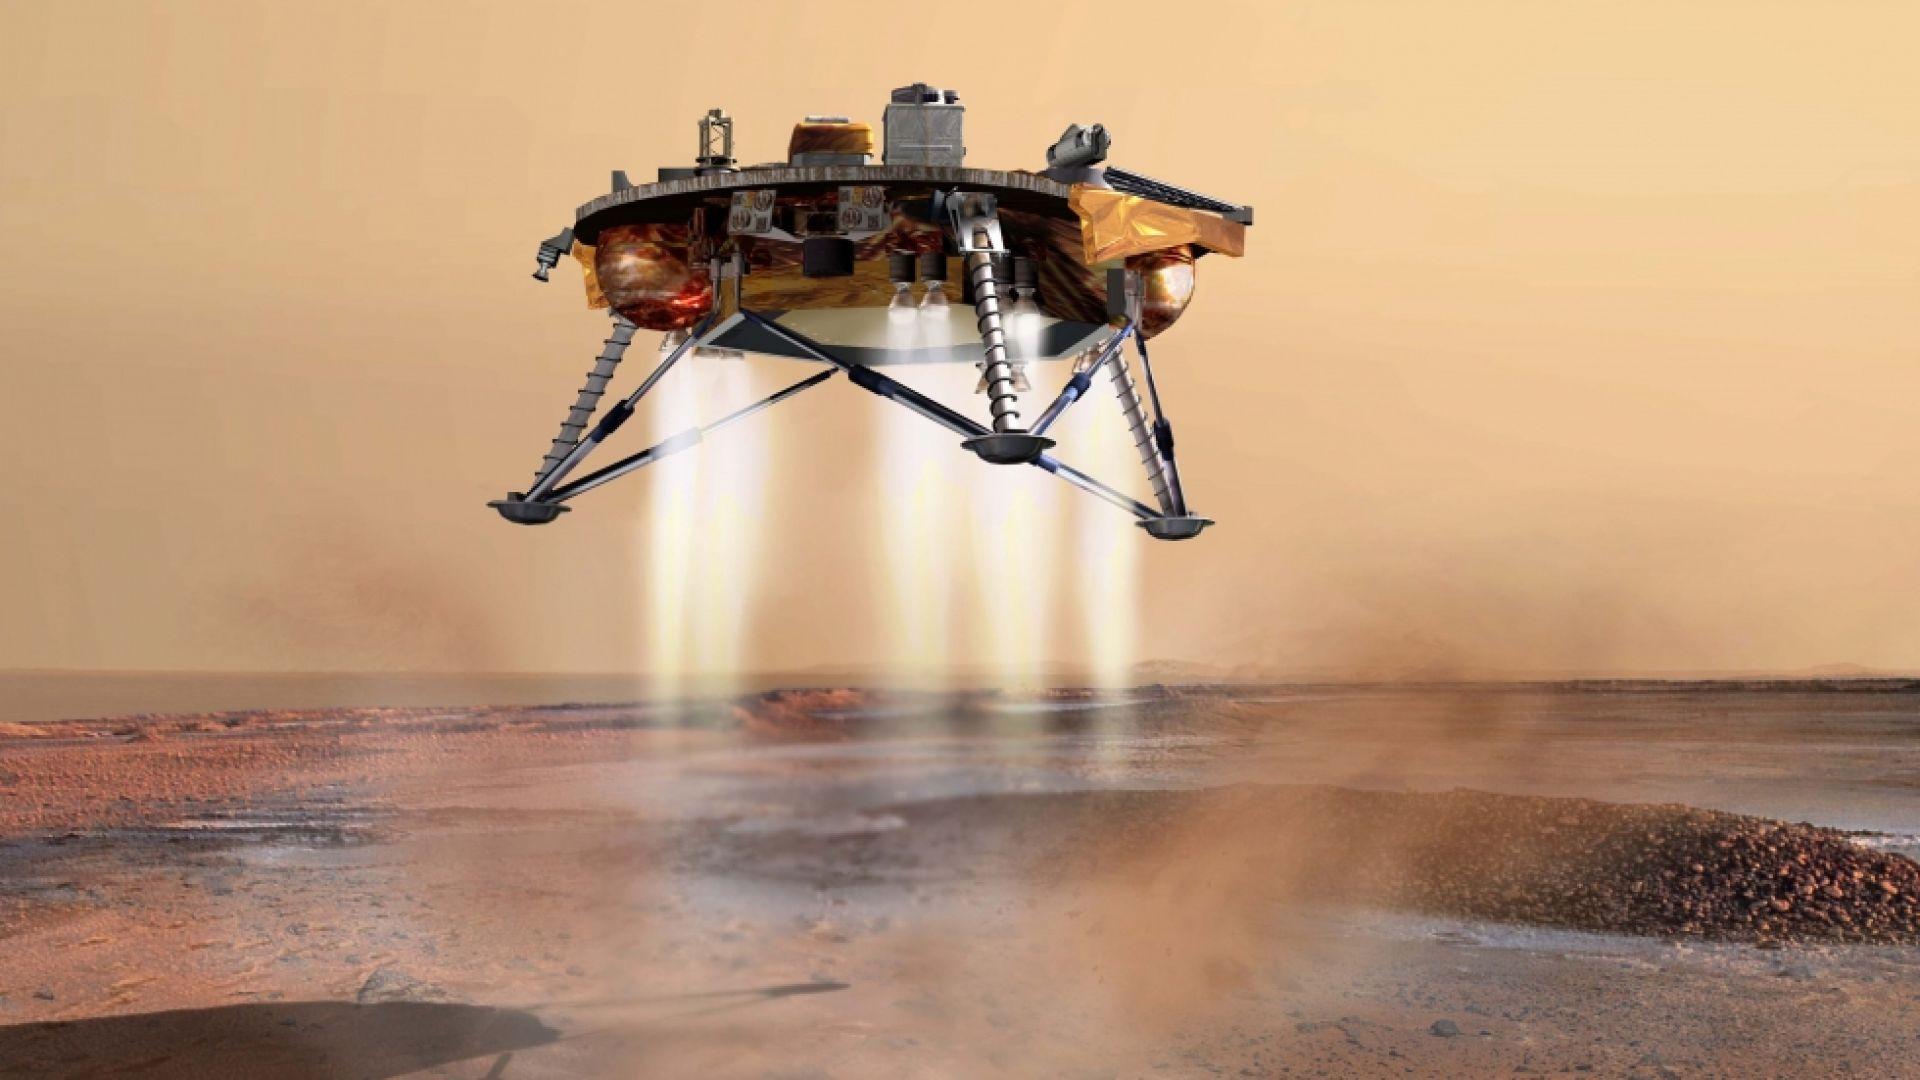 Китайската марсианска сонда започна проверка на научните инструменти